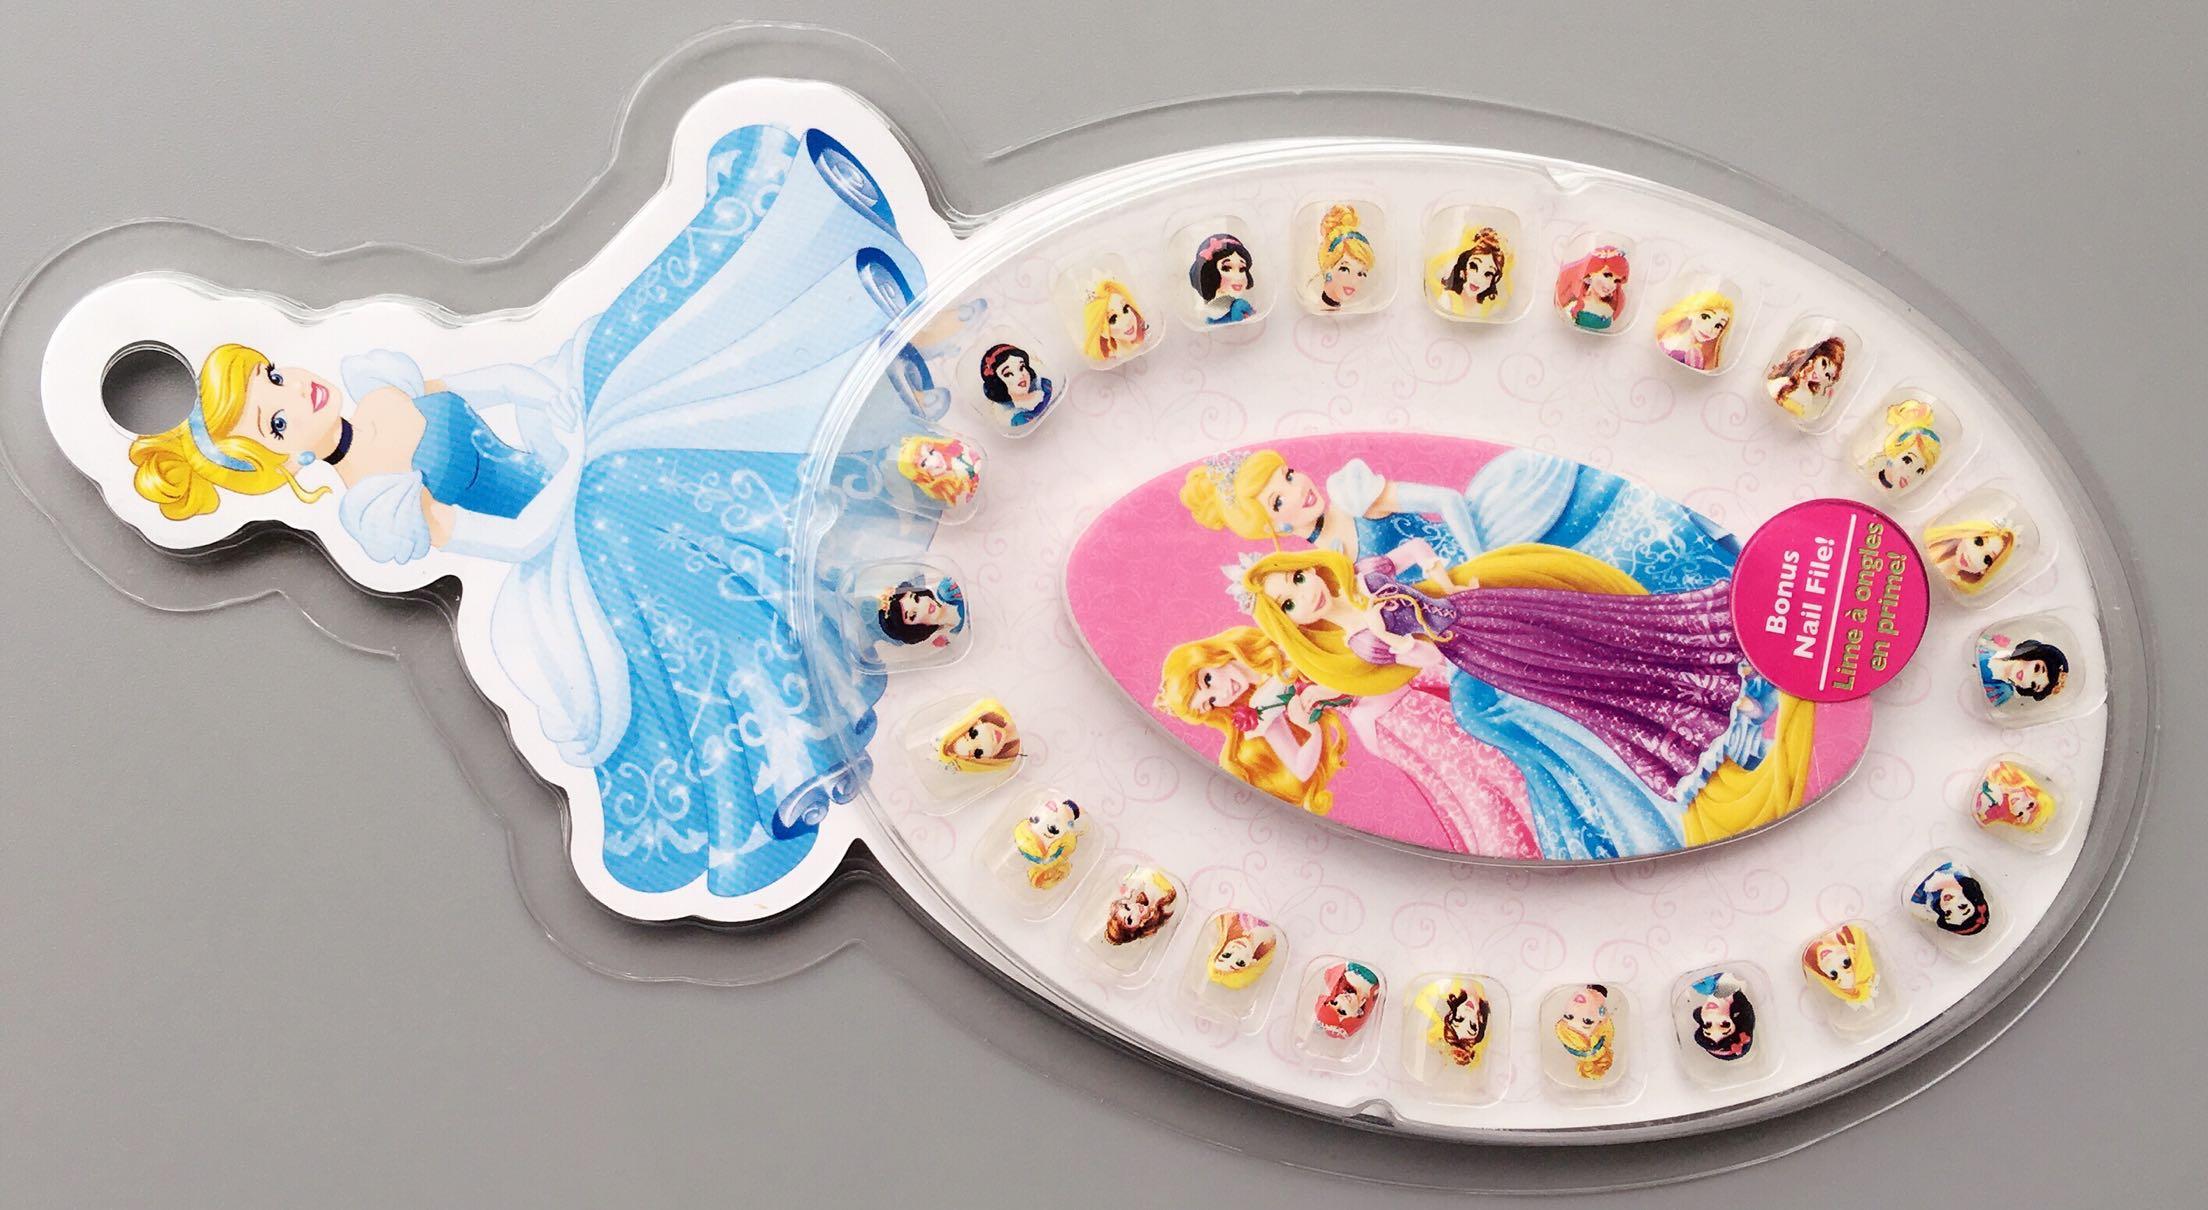 迪家儿童耳朵贴耳环贴指甲贴卡通公主冰雪小马宝莉饰品DIY亲子玩